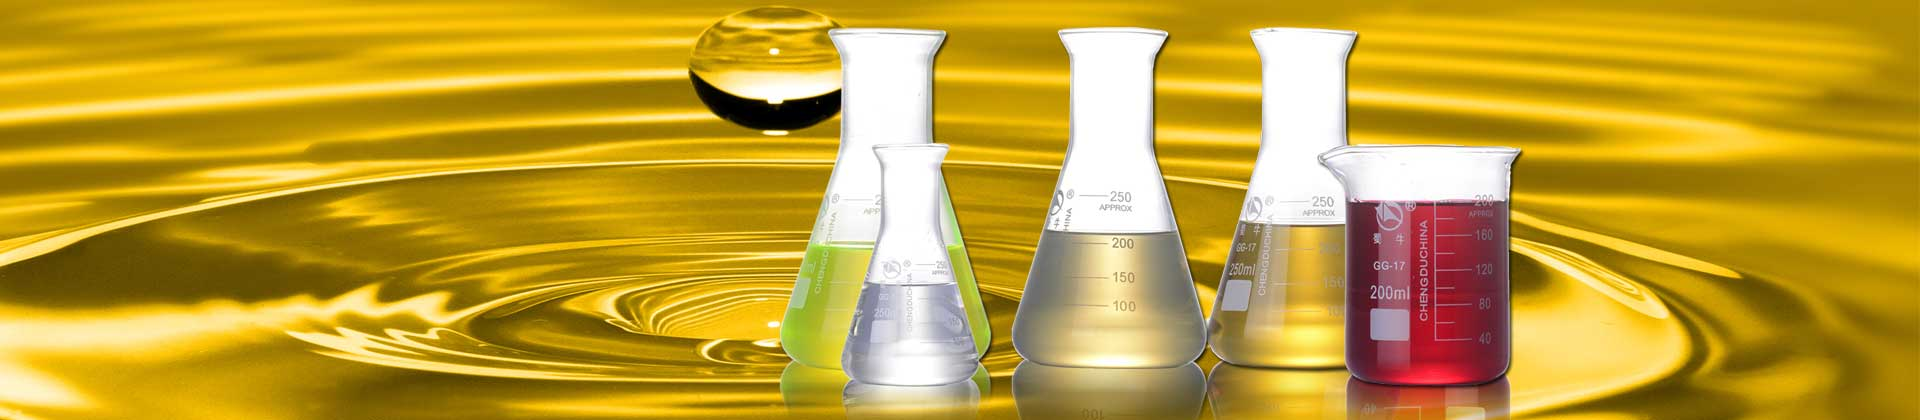 索拉润滑油切削液产品